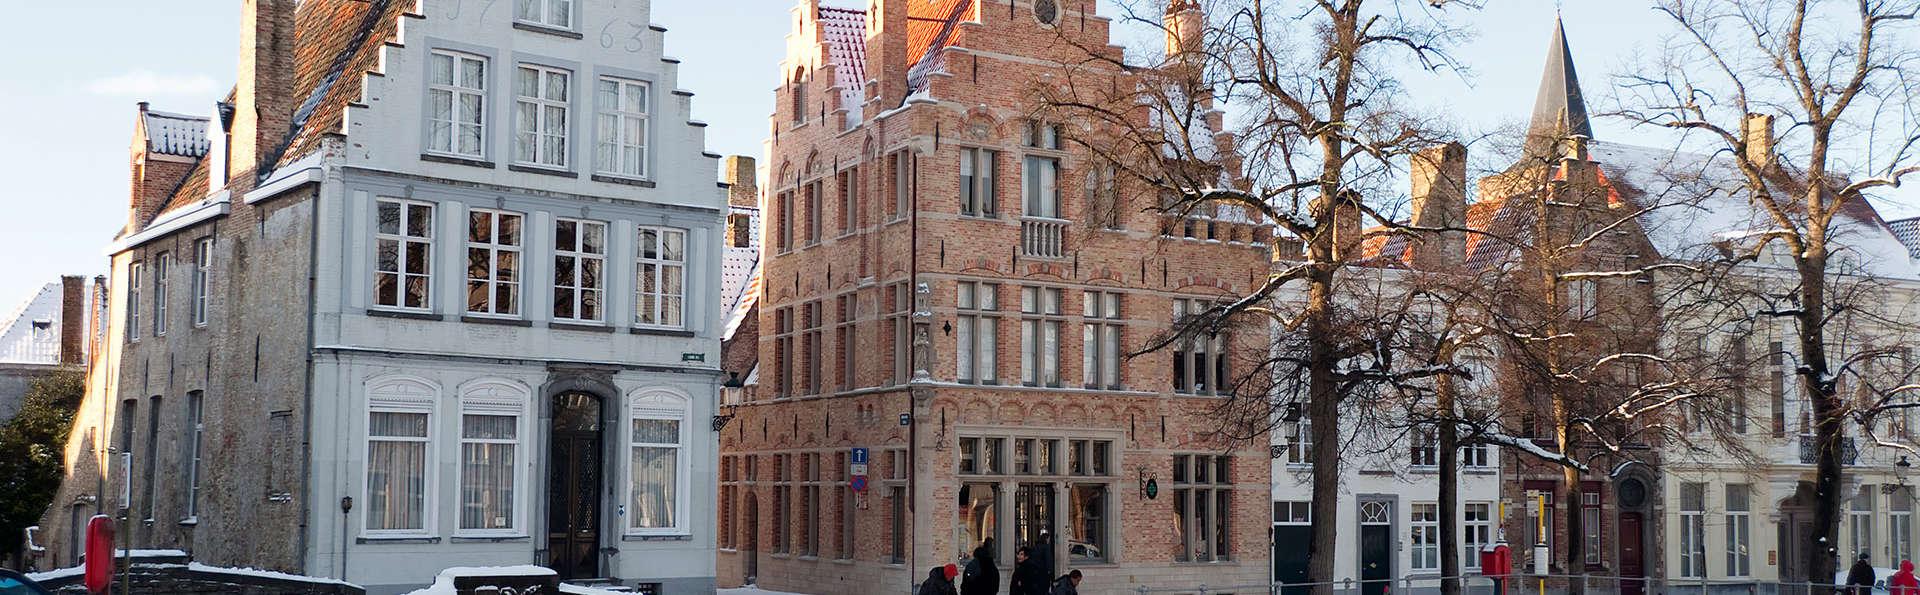 Découvrez tout sur le chocolat au musée Choco Story à Bruges (à partir de 2 nuits)